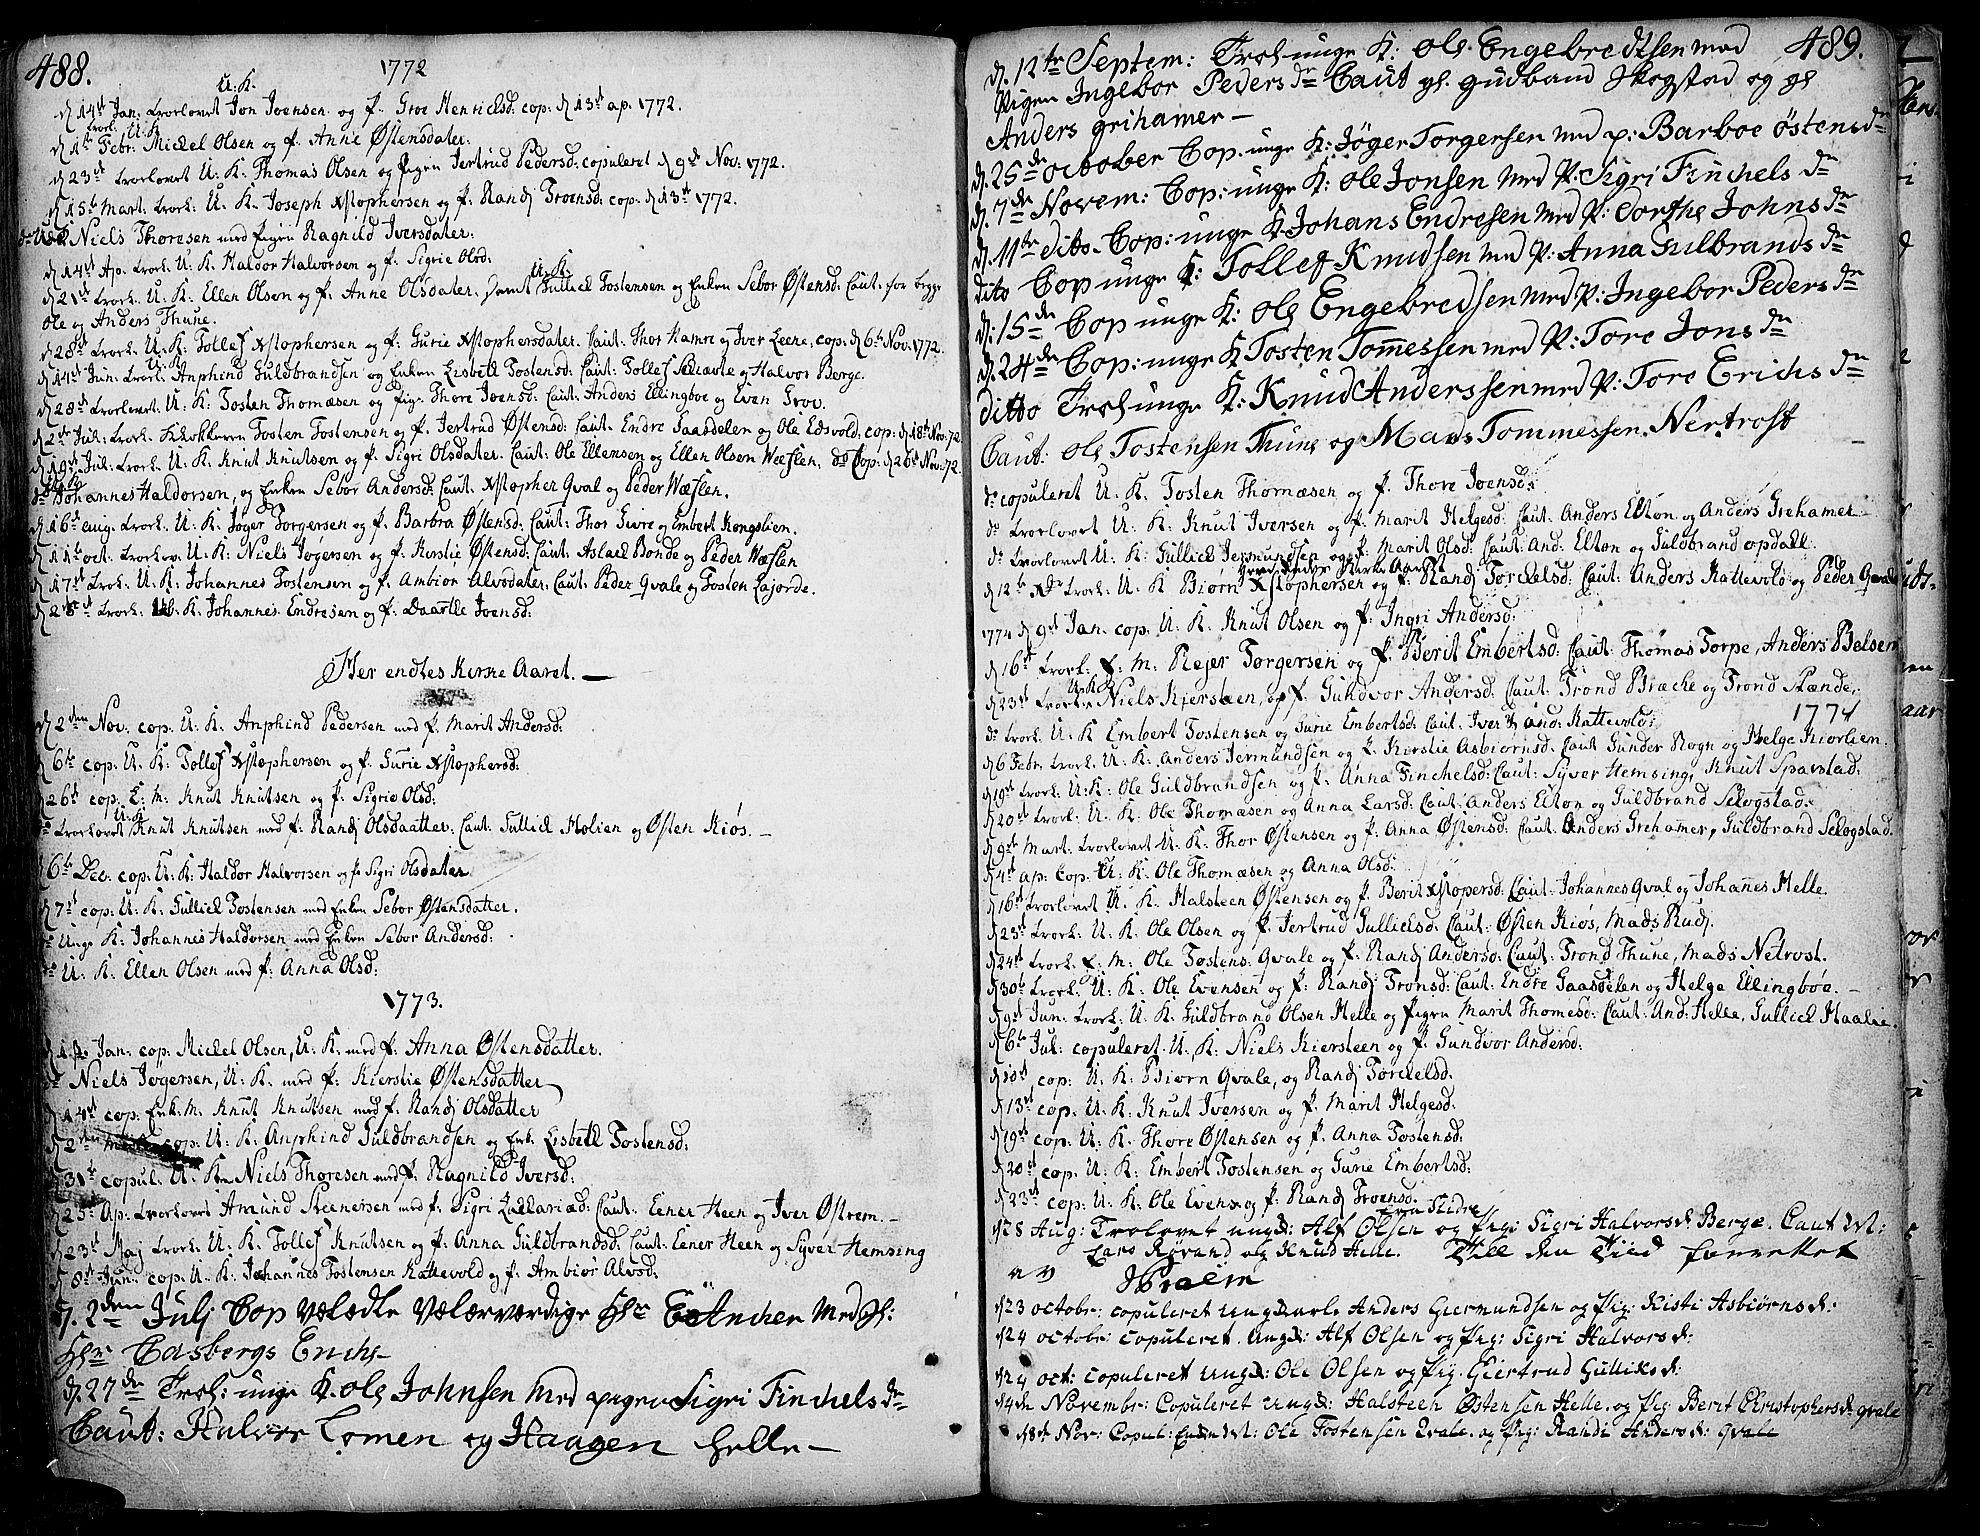 SAH, Vang prestekontor, Valdres, Ministerialbok nr. 1, 1730-1796, s. 488-489